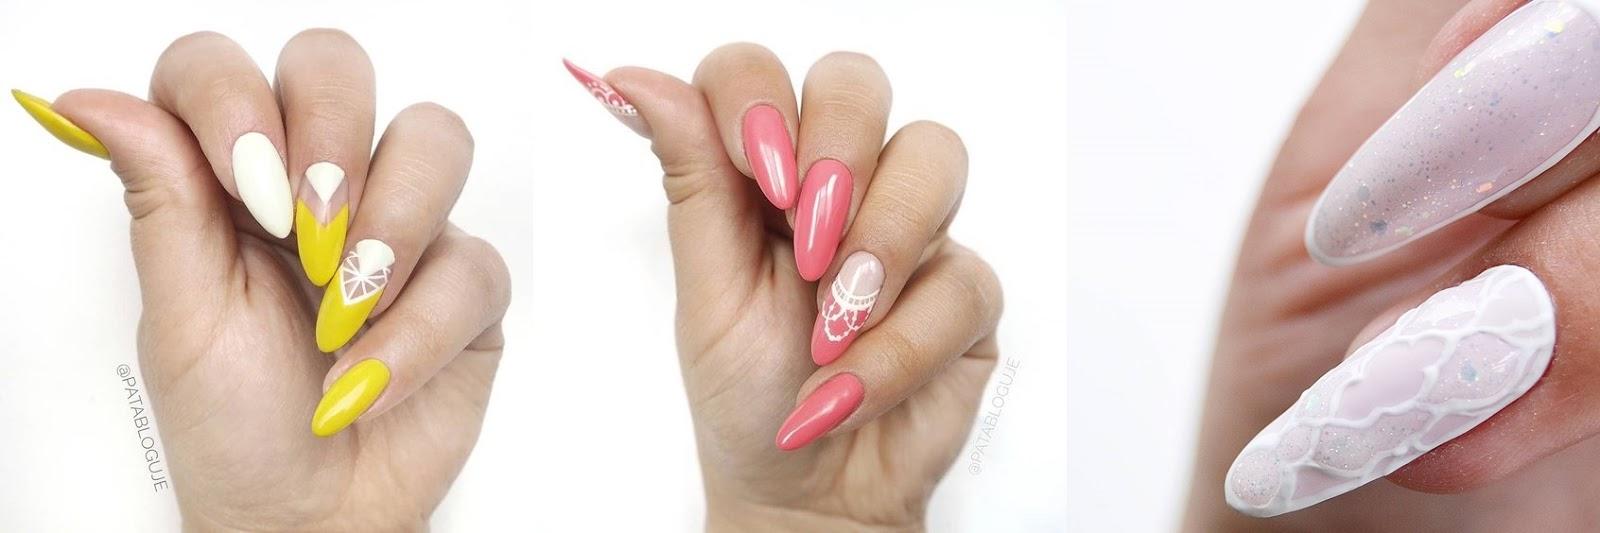 preźroczyste paznokcie